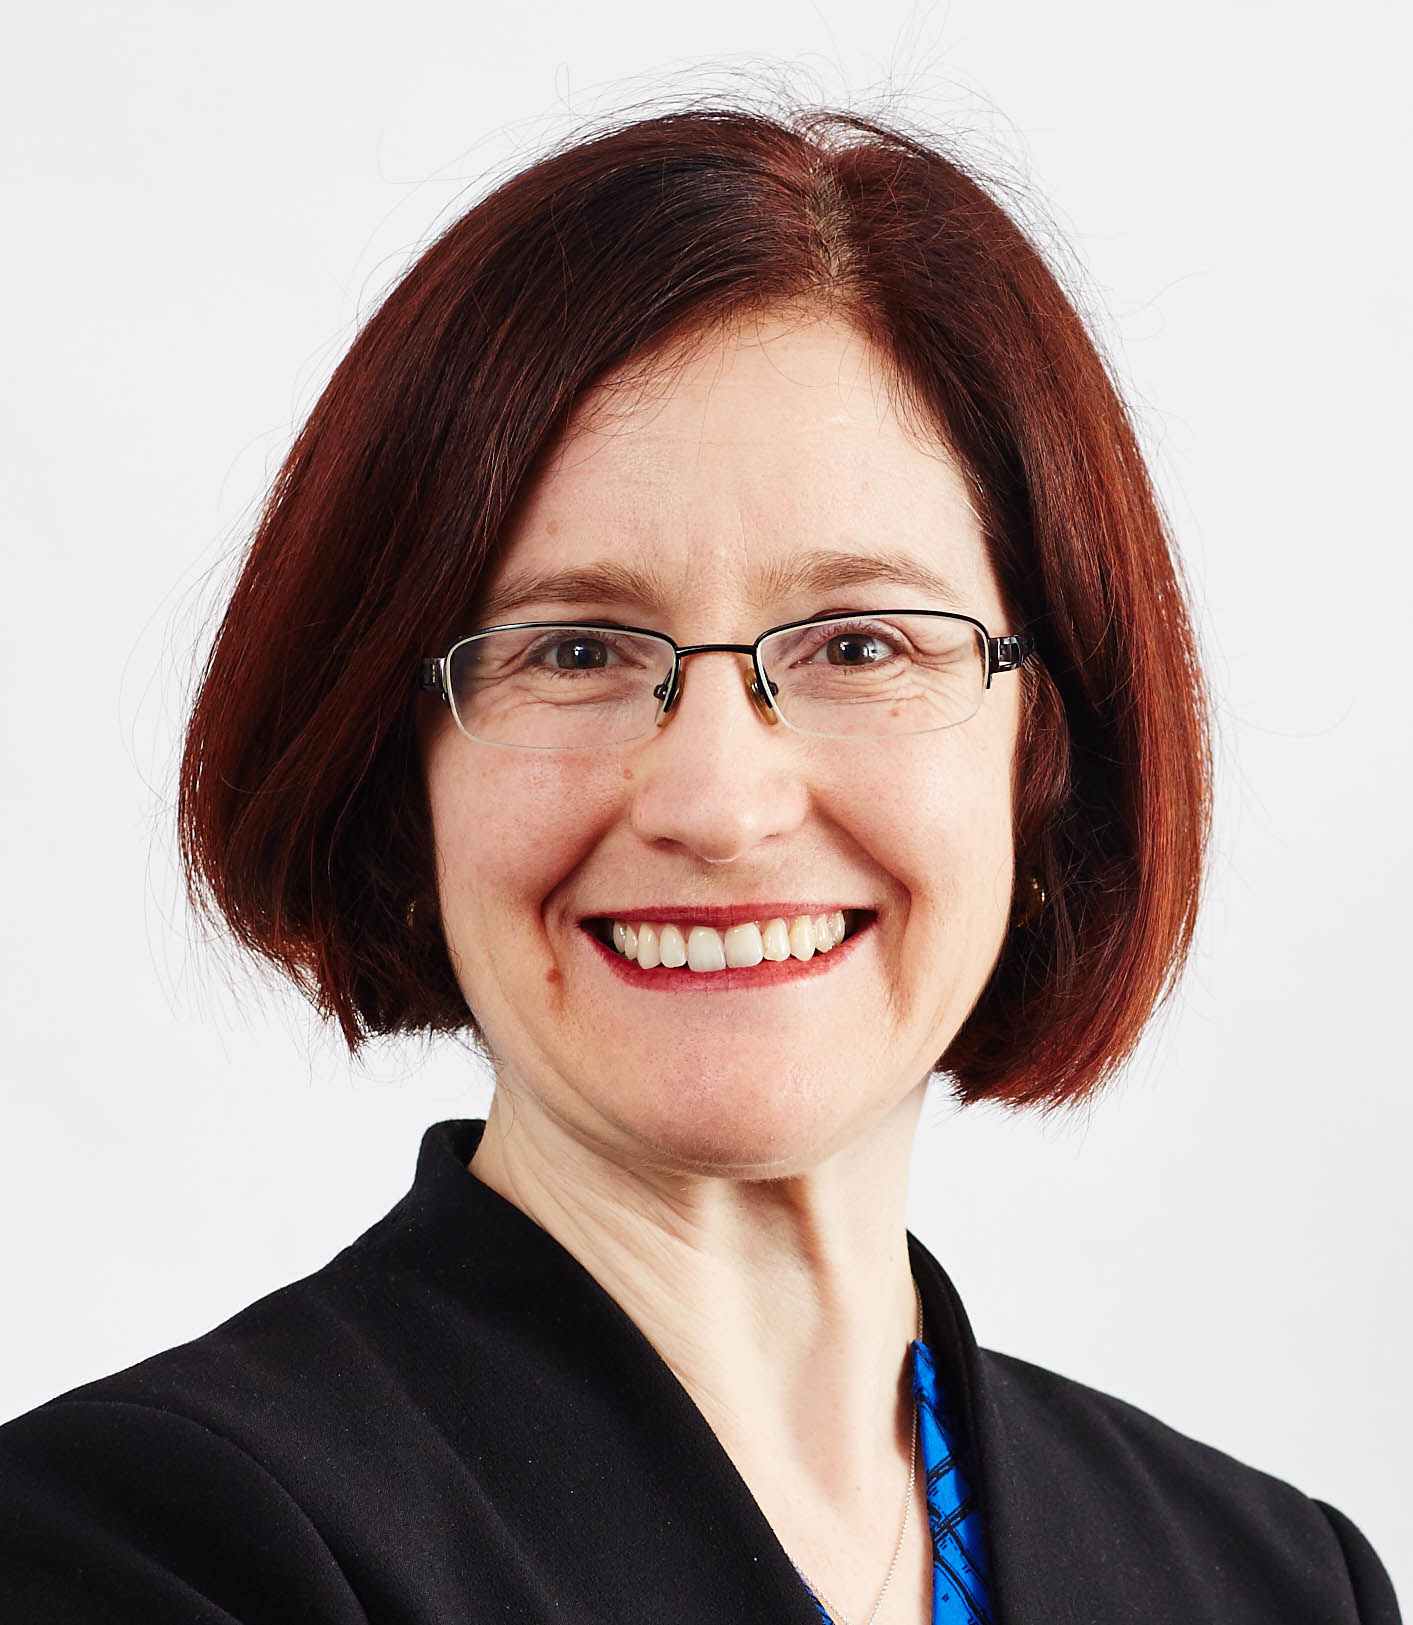 Vanessa Maher, Liberty Specialty Markets